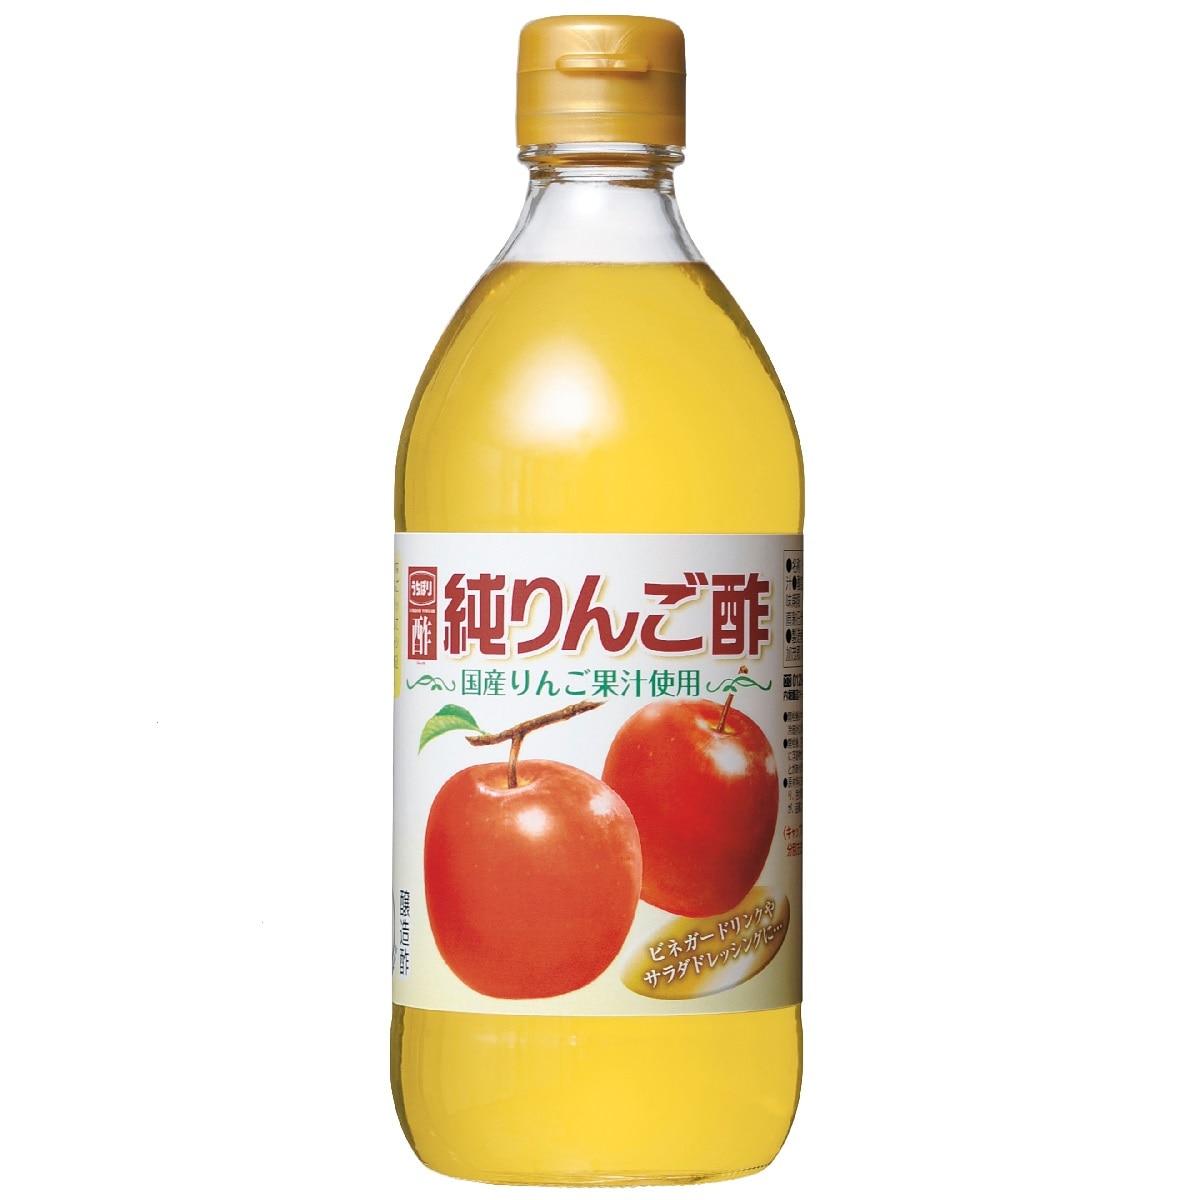 【10個入り】内堀 純りんご酢 瓶 500ml